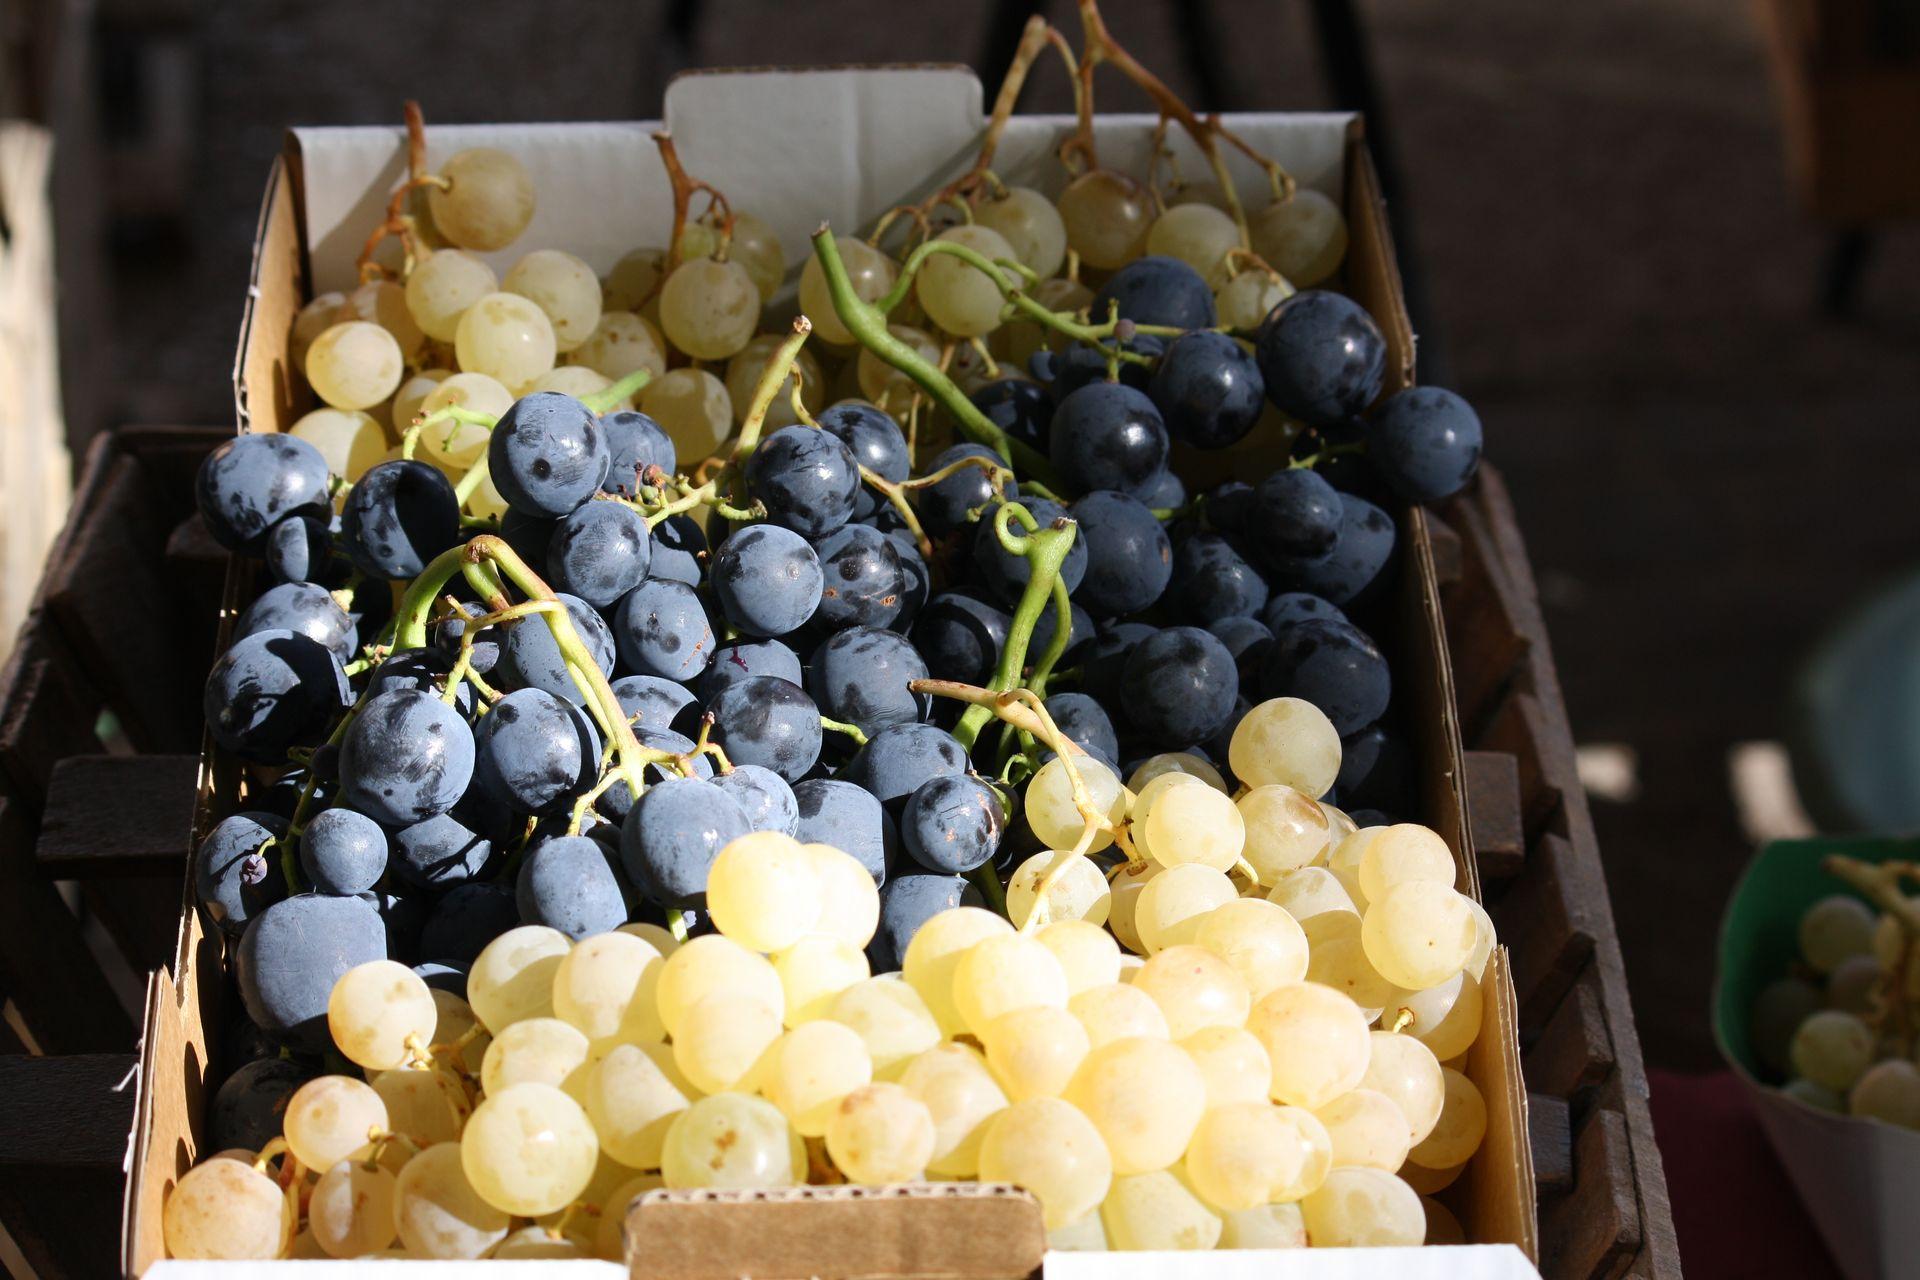 cagette de raisin blanc et noir au marché